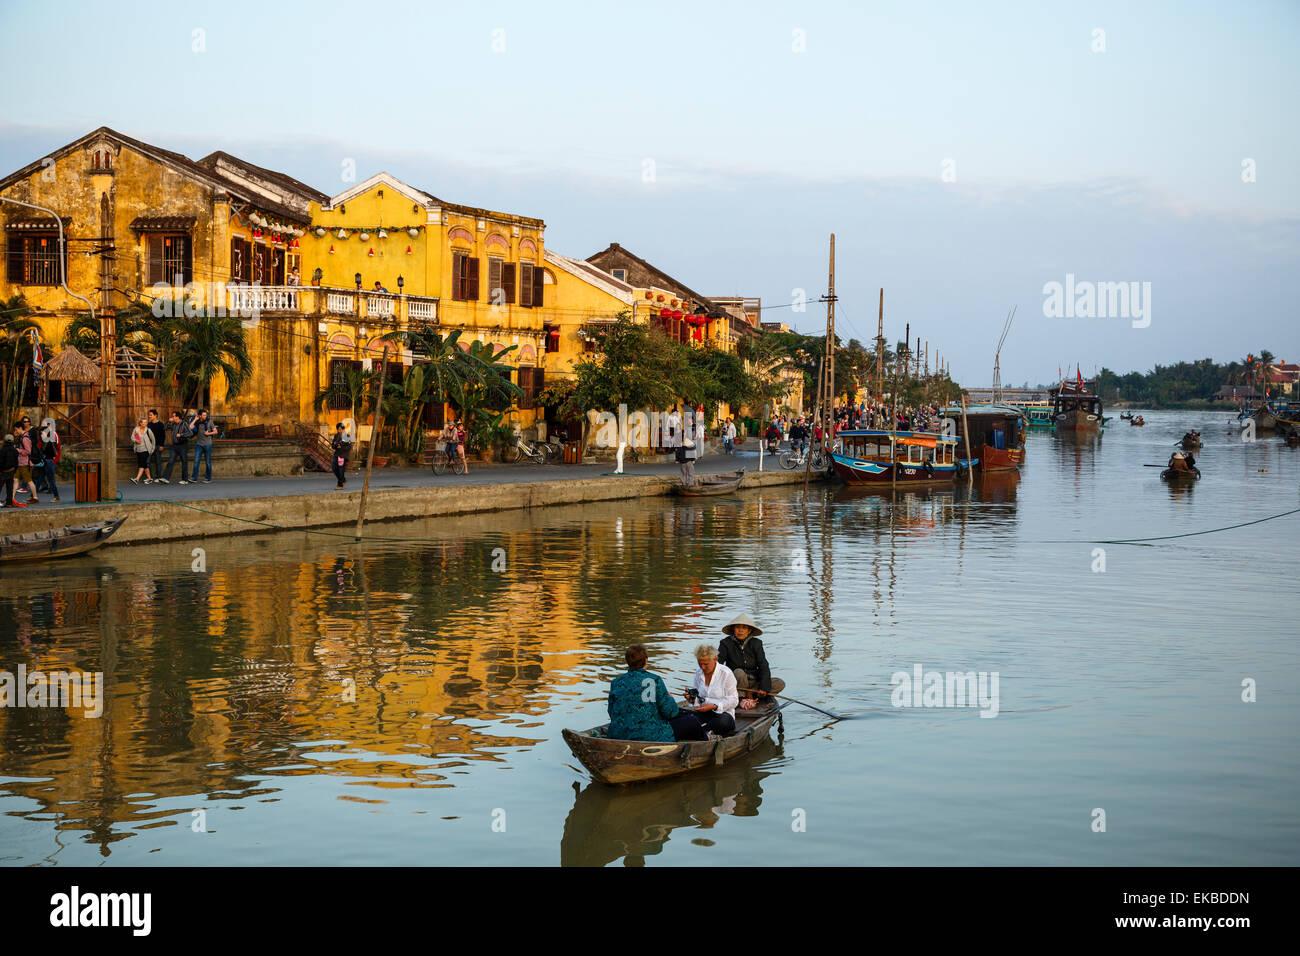 Bateaux à la rivière Thu Bon, Hoi An, Vietnam, Indochine, Asie du Sud-Est, l'Asie Banque D'Images